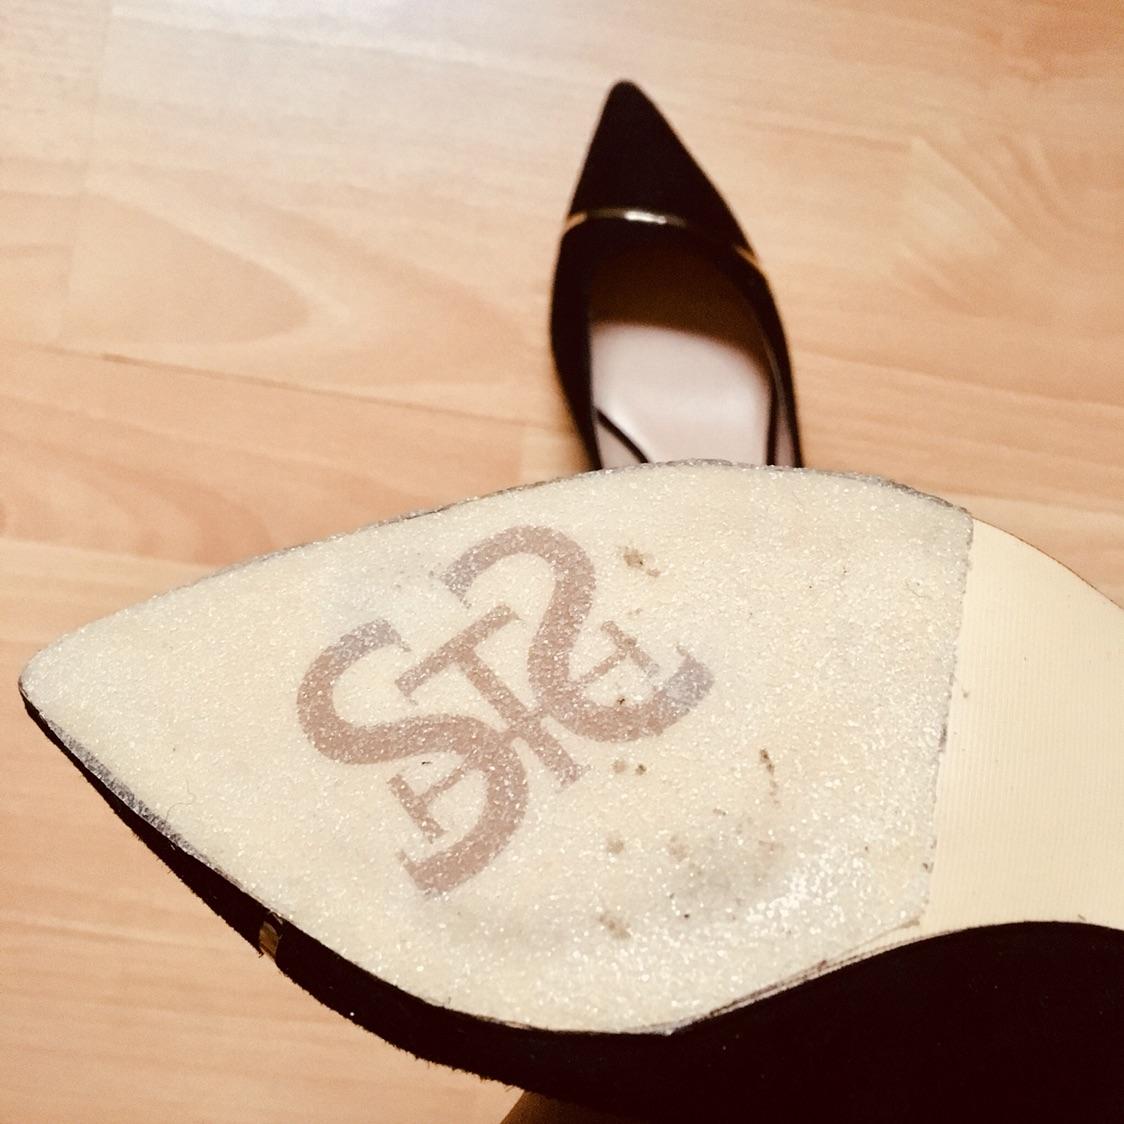 高跟鞋那么贵,贴个鞋底防滑贴能多穿两年哈哈